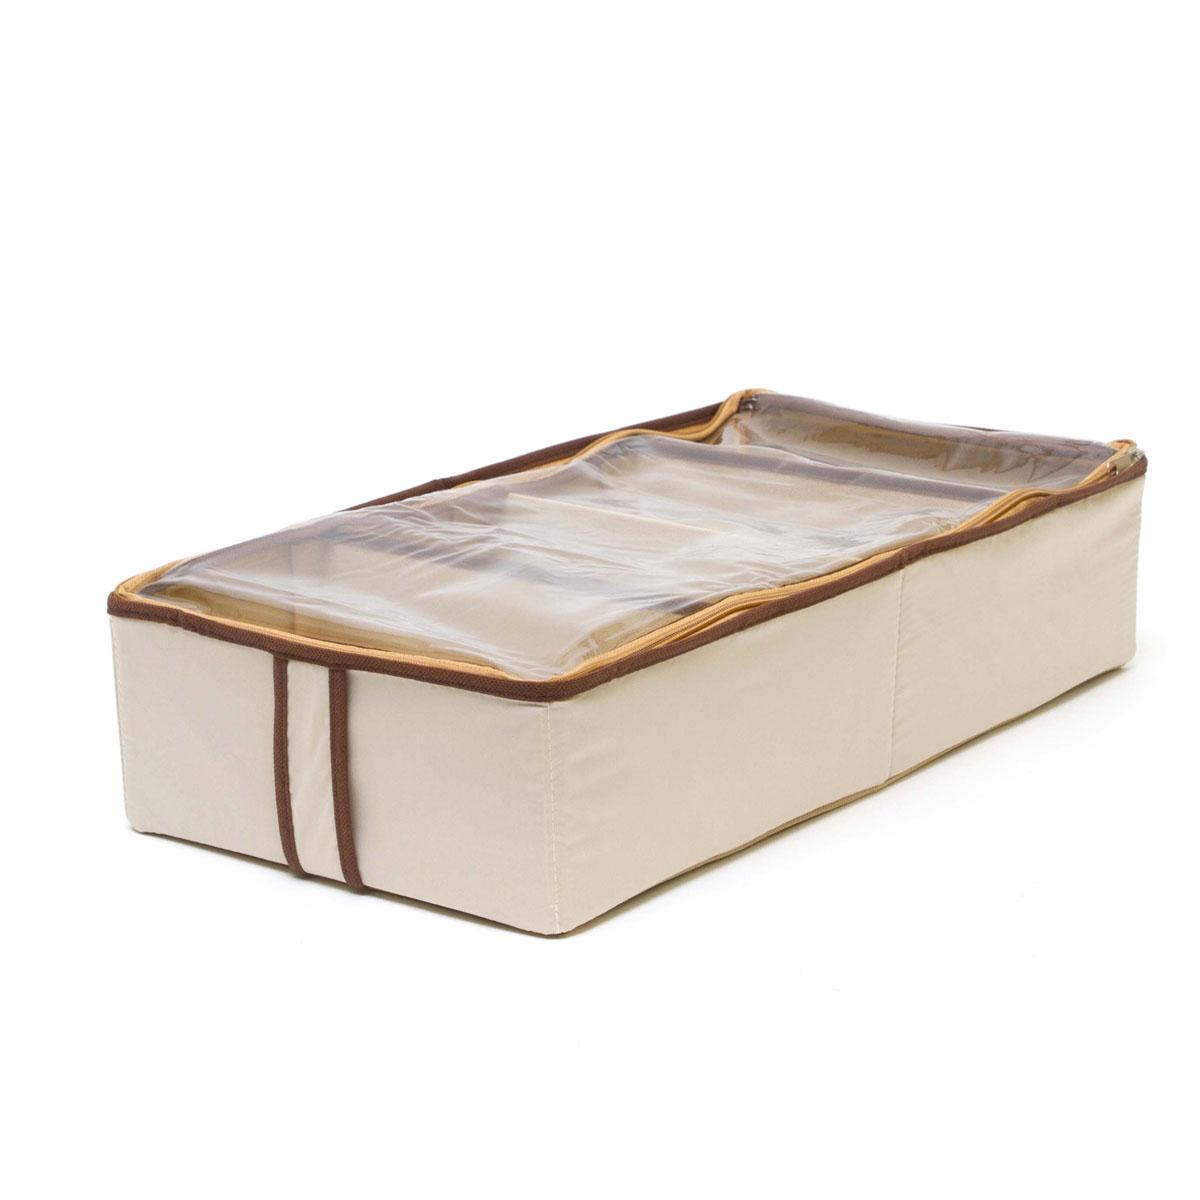 Органайзер для хранения обуви Homsu Bora-Bora, 4 секции, 52 х 26 х 12 смHOM-28Очень удобный способ хранить сезонную обувь. Четыре отделения размером 10см на 5см вмещают 4 пары обуви. Органайзер плоский, удобно хранить под кроватью или диваном. Внутренние секции можно моделировать под размеры обуви, например высокие сапоги. Имеет жесткие борта, что является гарантией сохраности вещей. Фактический цвет может отличаться от заявленного.